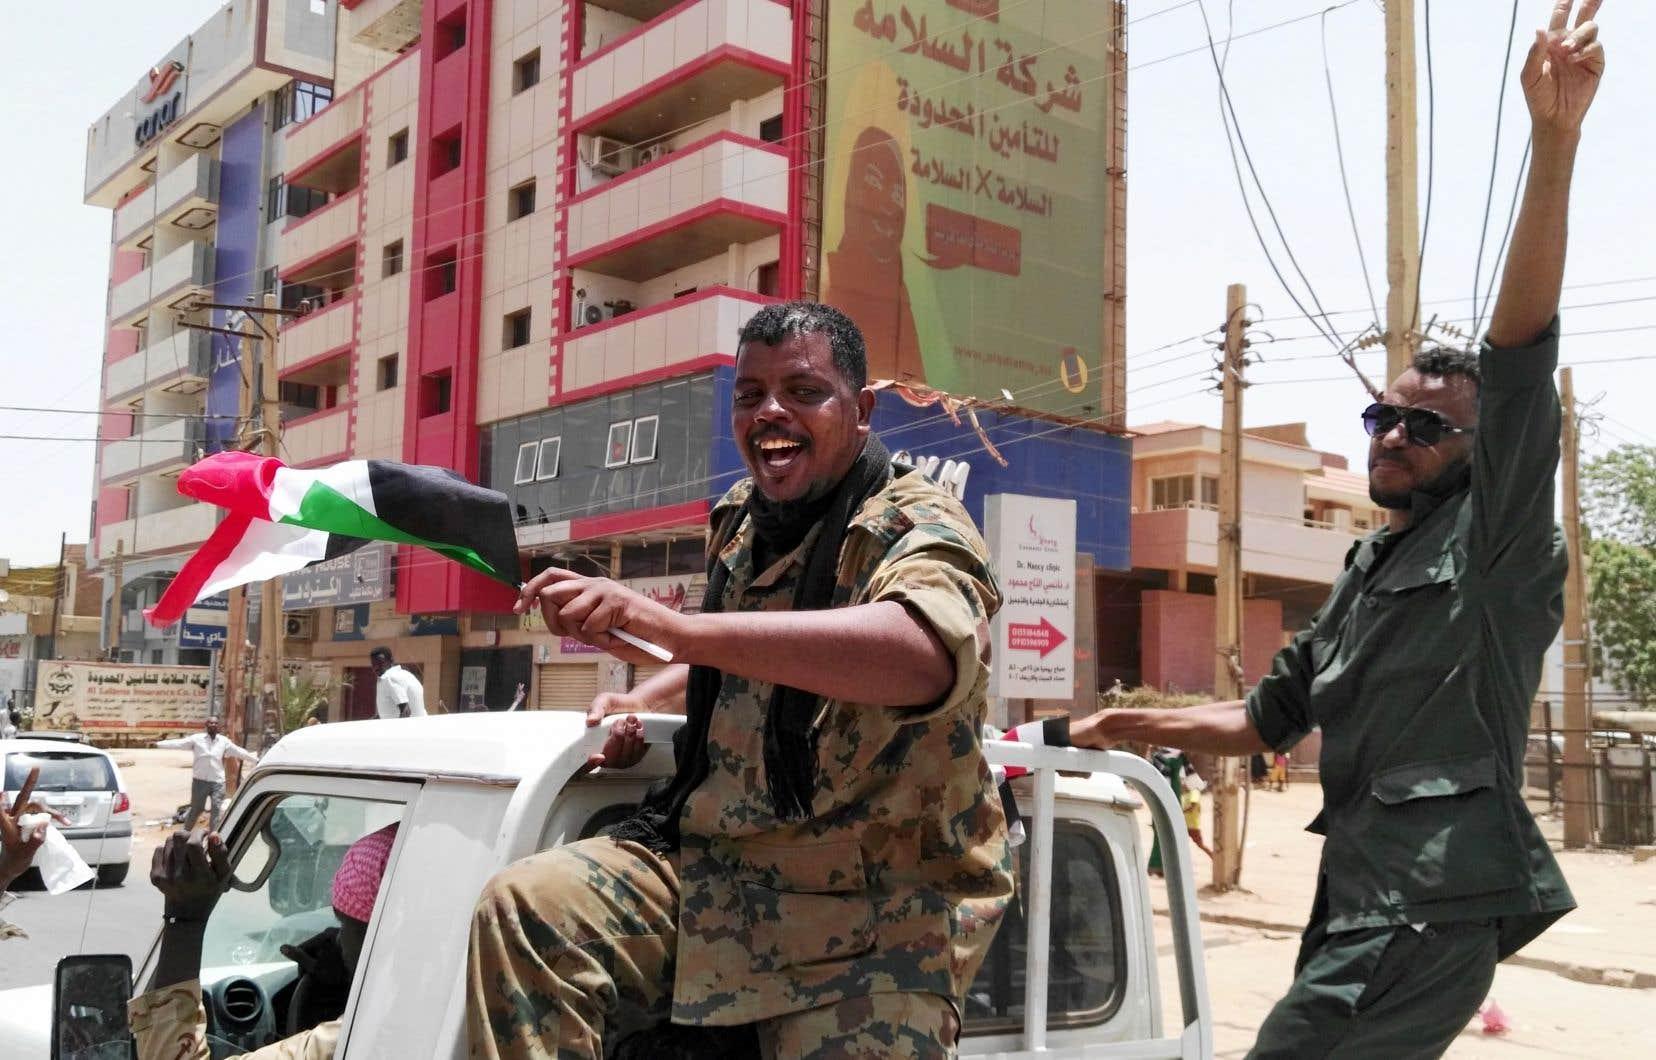 La nouvelle a été accueillie comme une victoire, à Khartoum, par des membres des forces de sécurité.